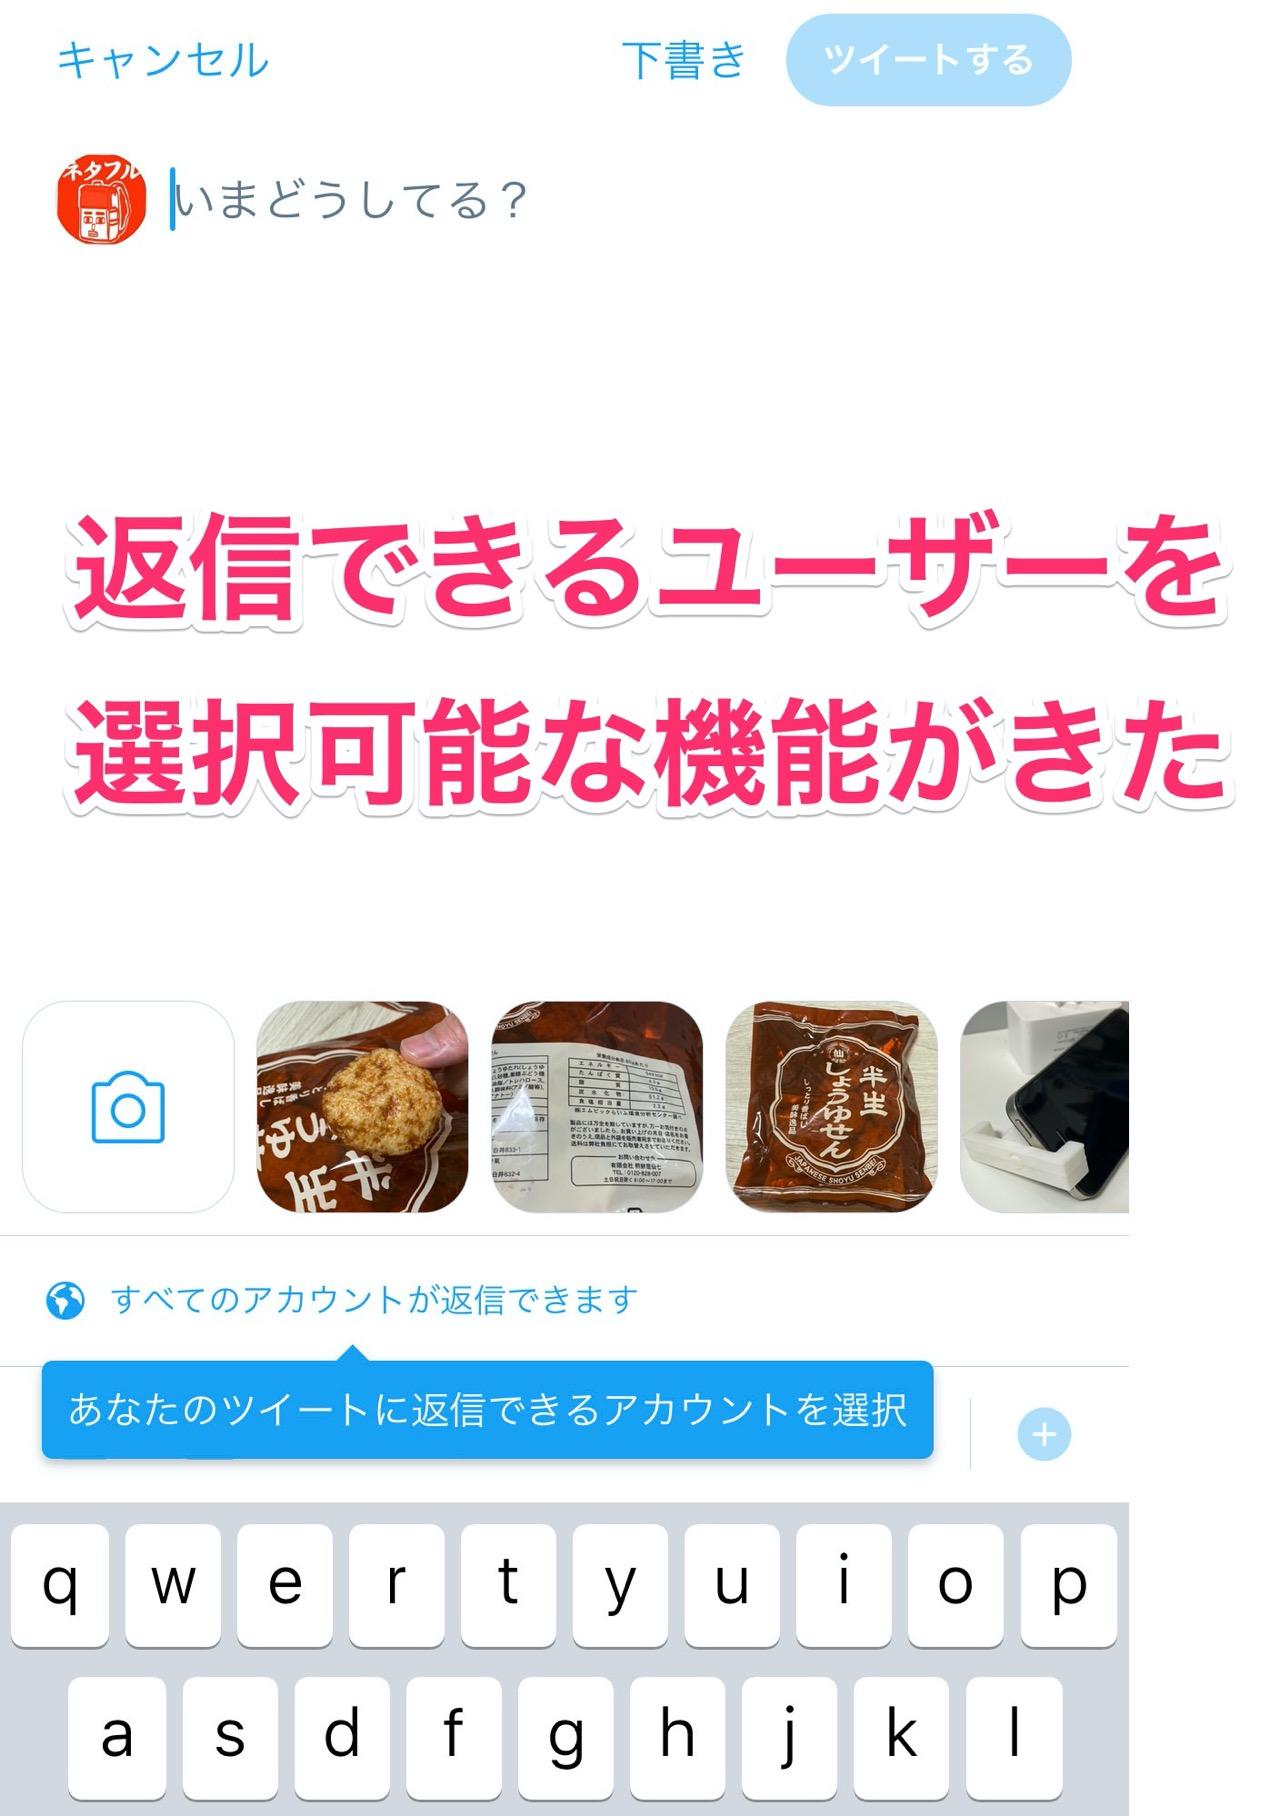 【Twitter】正式リリースされていた「ツイートに返信できるユーザーを選択する機能」がやってきた